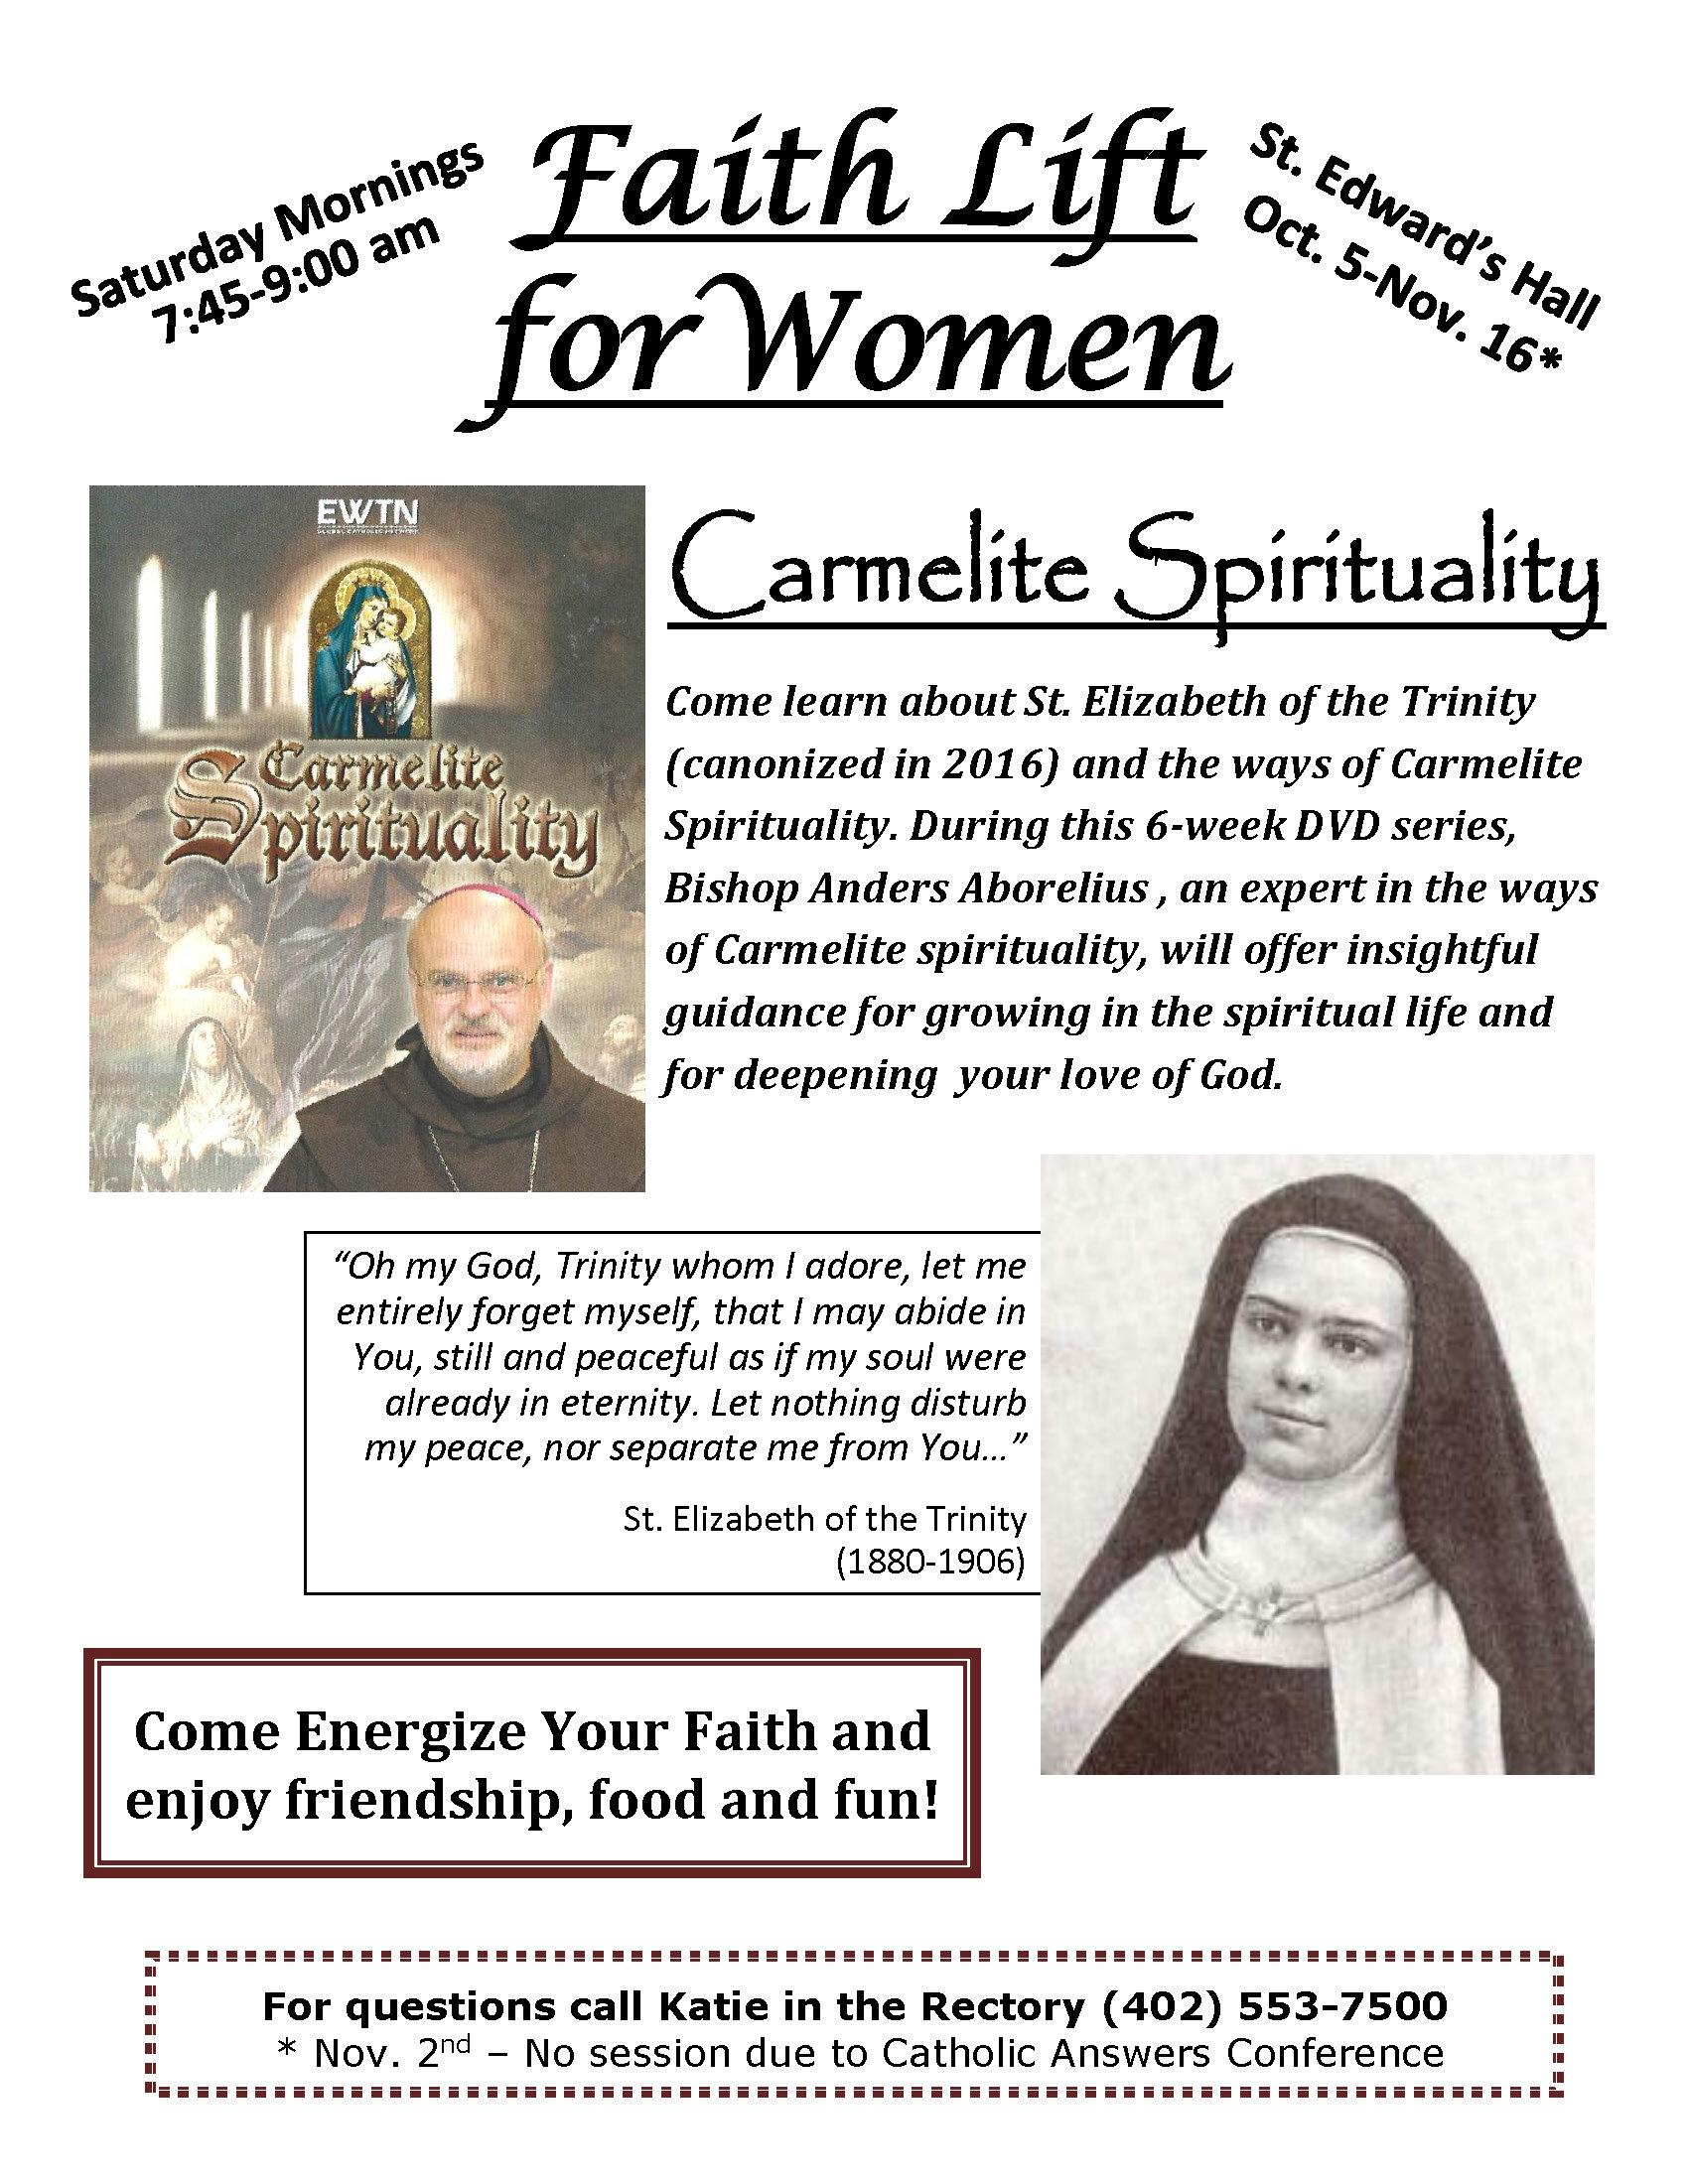 Carmelite Spirituality Bulletin Insert Sept. 2019 pdf.jpg